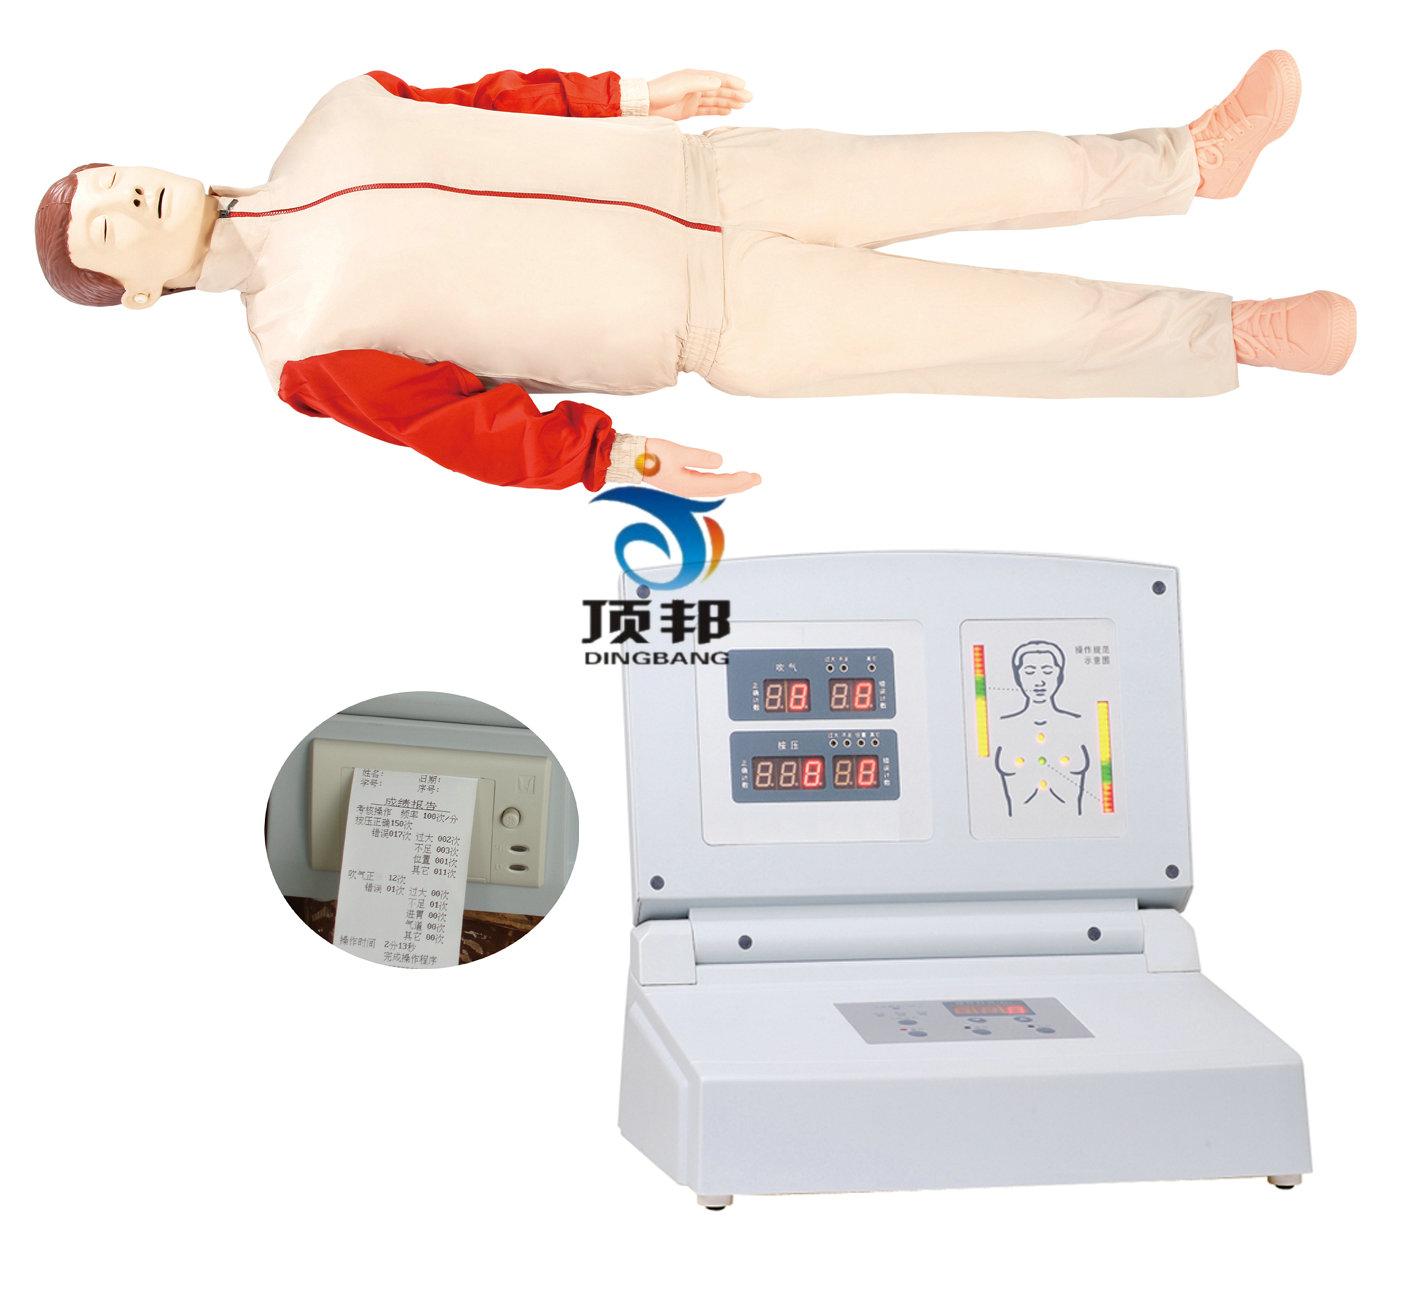 高级全自动电脑心肺复苏模拟人